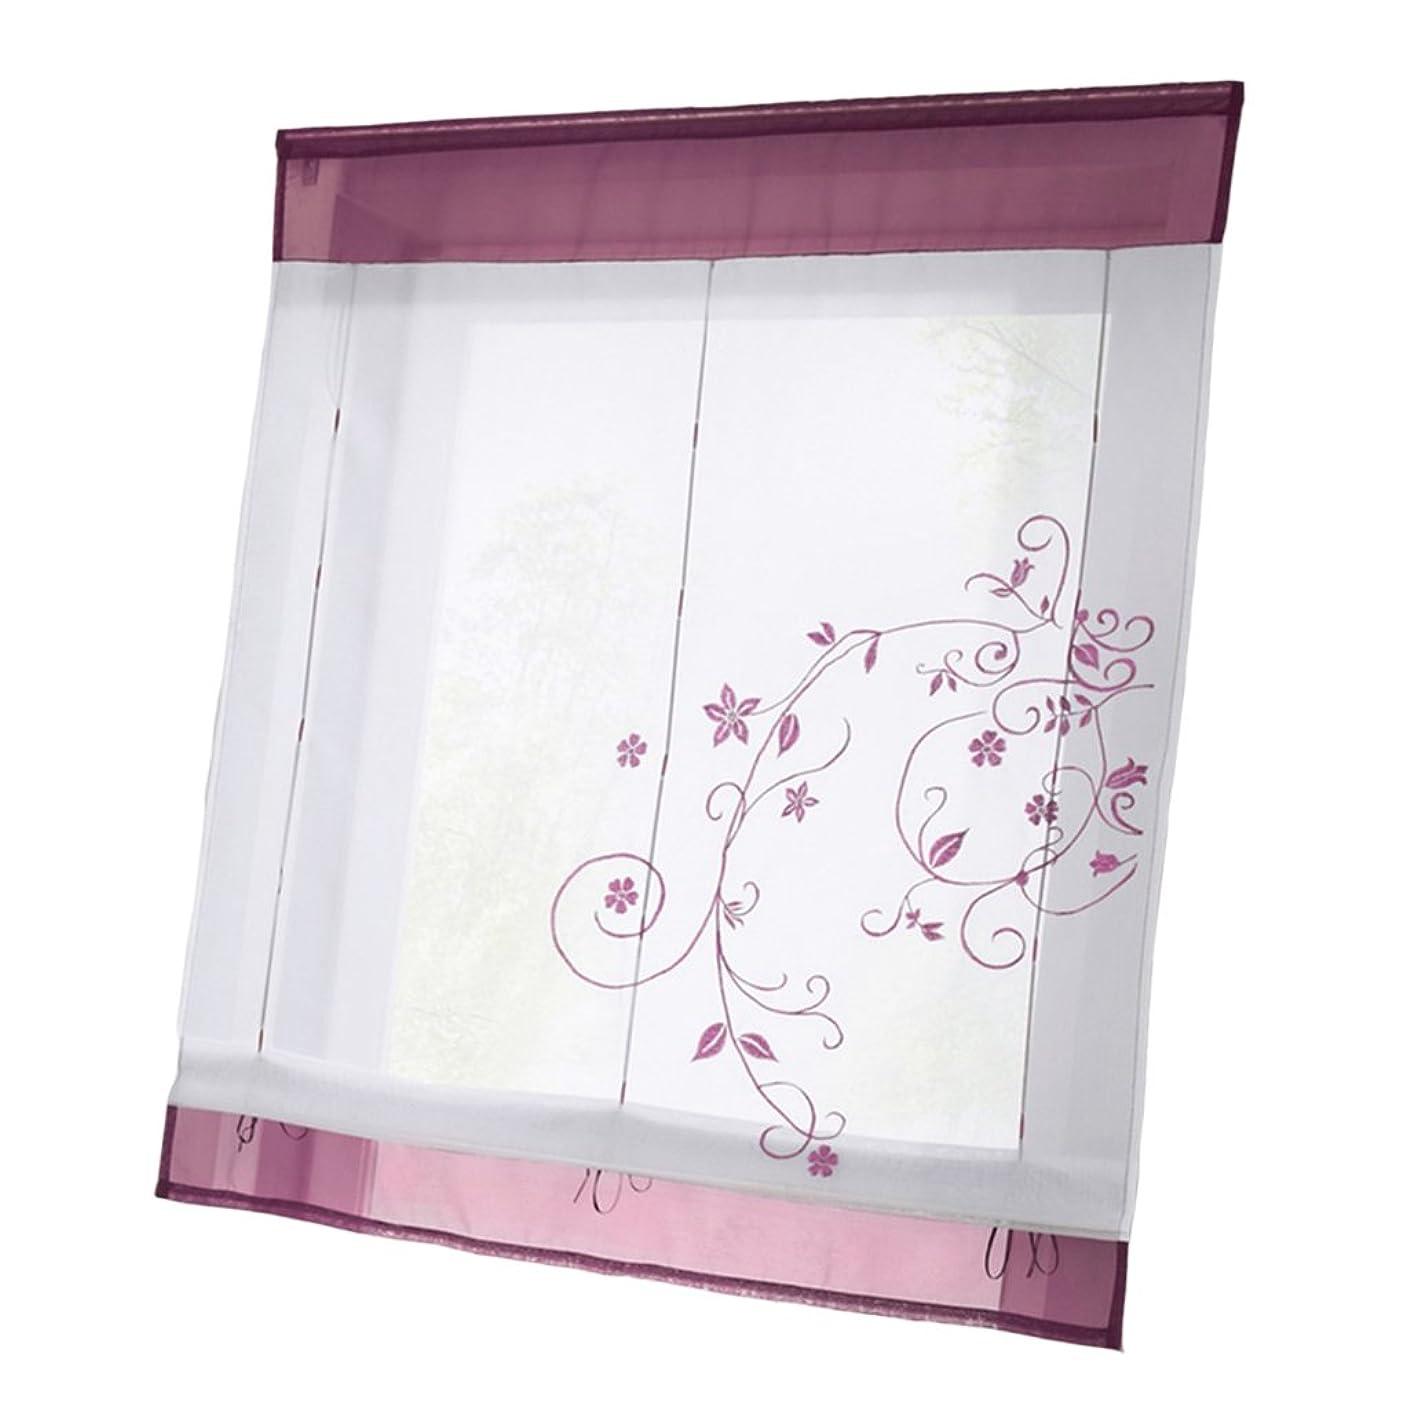 投げるハンバーガー繁殖PETSOLA 窓 優雅 短いカーテン 薄片 ローマン刺繍カーテン 4サイズ - パープル, 80x100cm